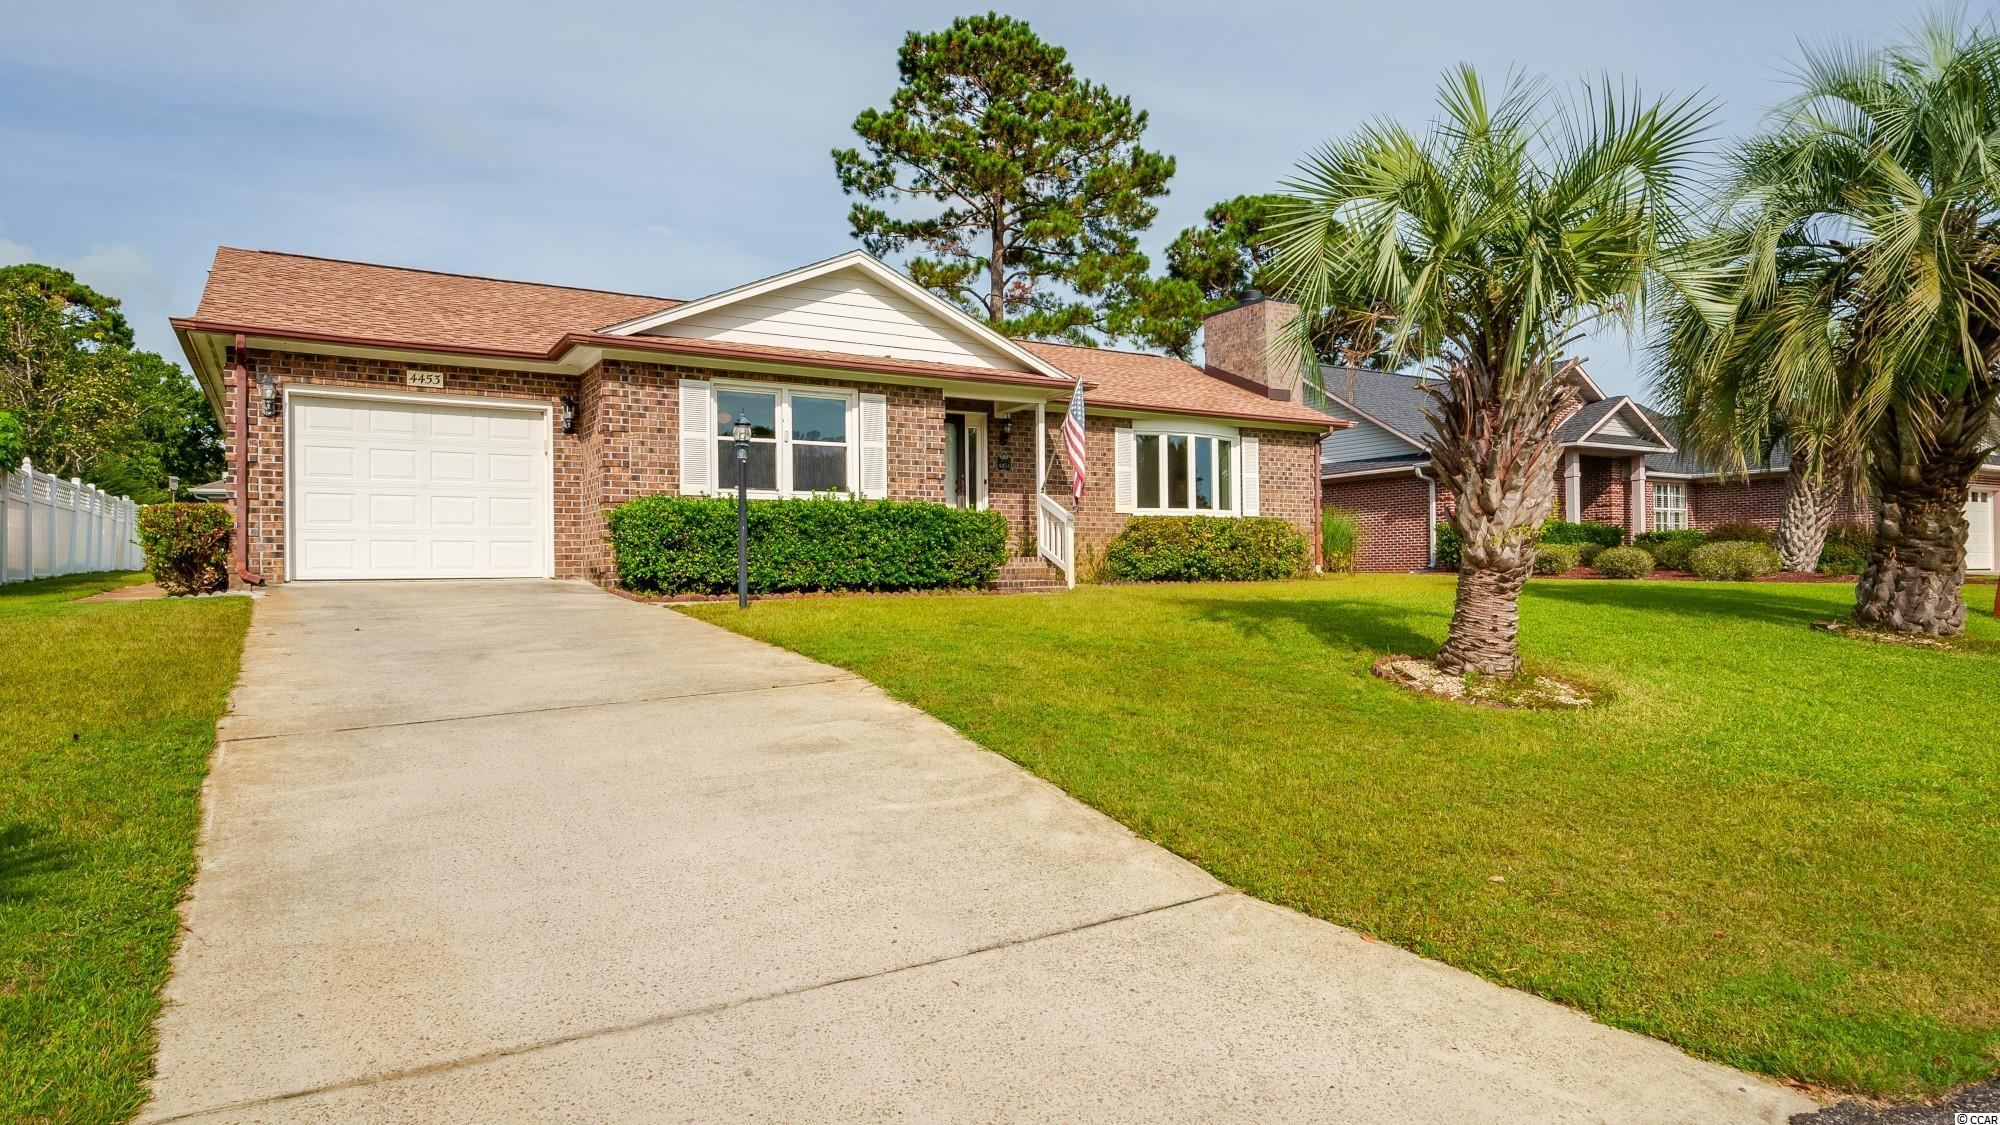 4453 Mandi Ave. Property Photo 1